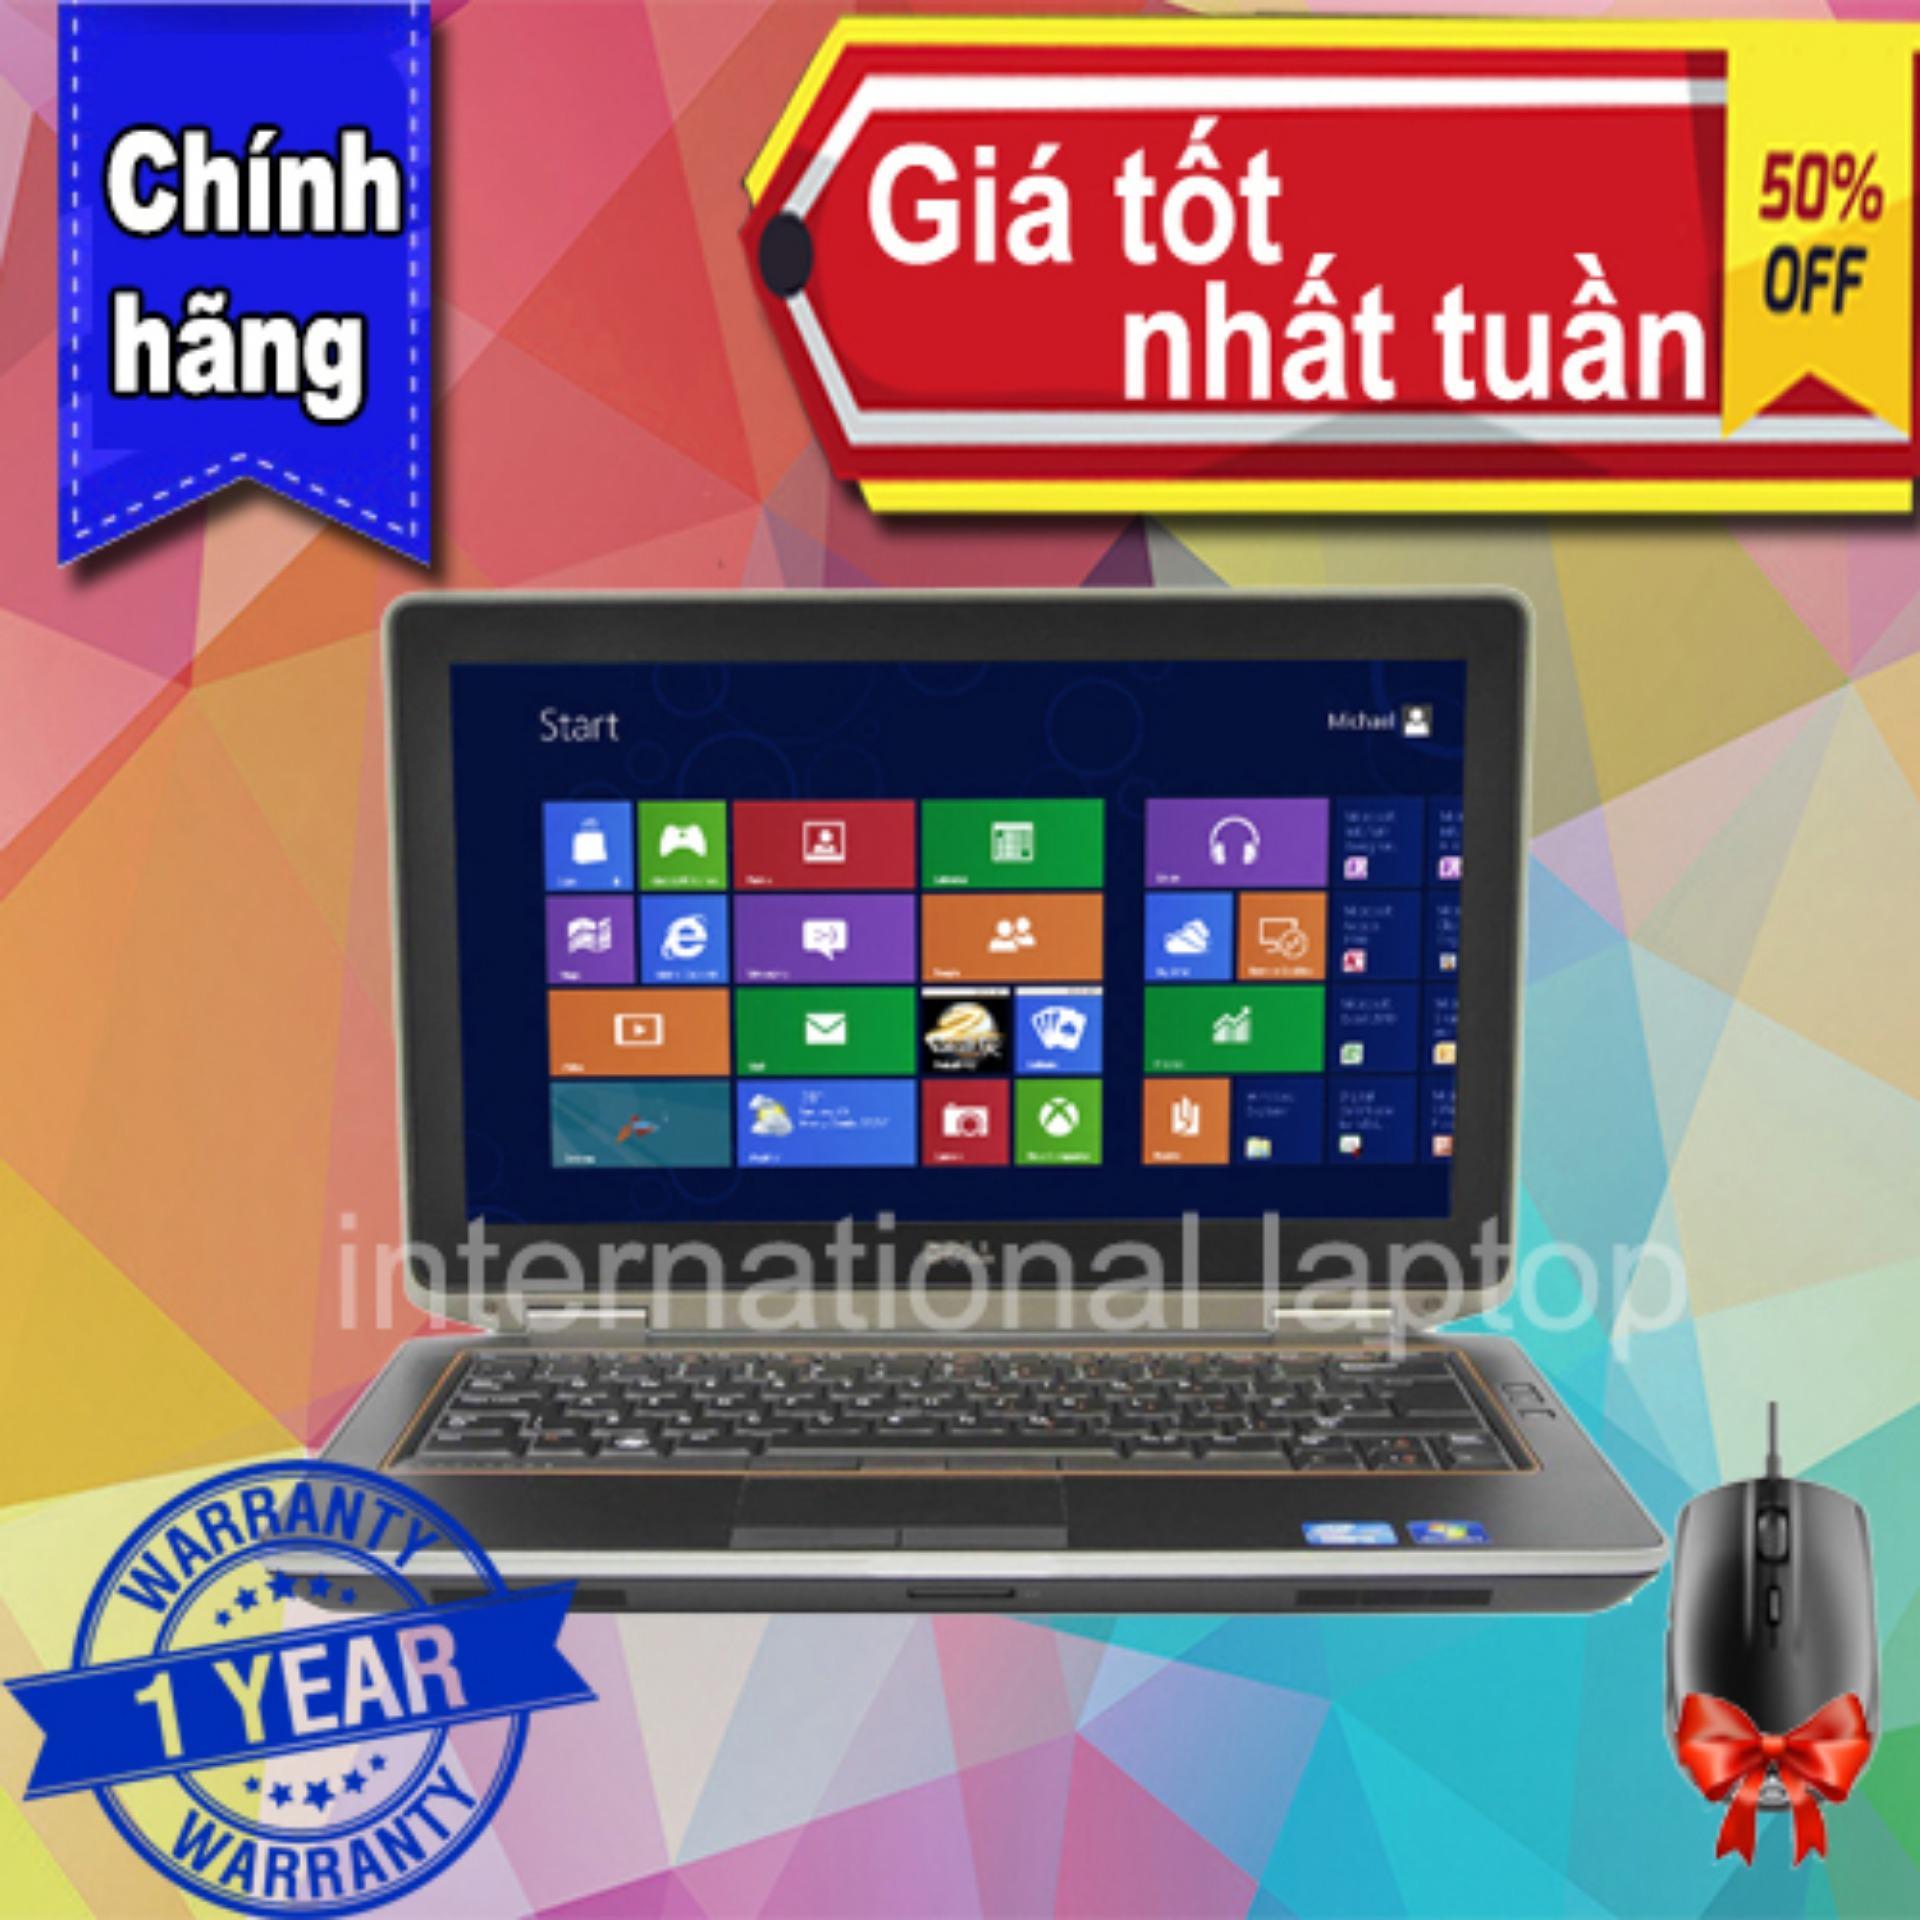 Cửa Hàng Laptop Dell Latitude E6320 I7 4 250 Hang Nhập Khẩu Rẻ Nhất